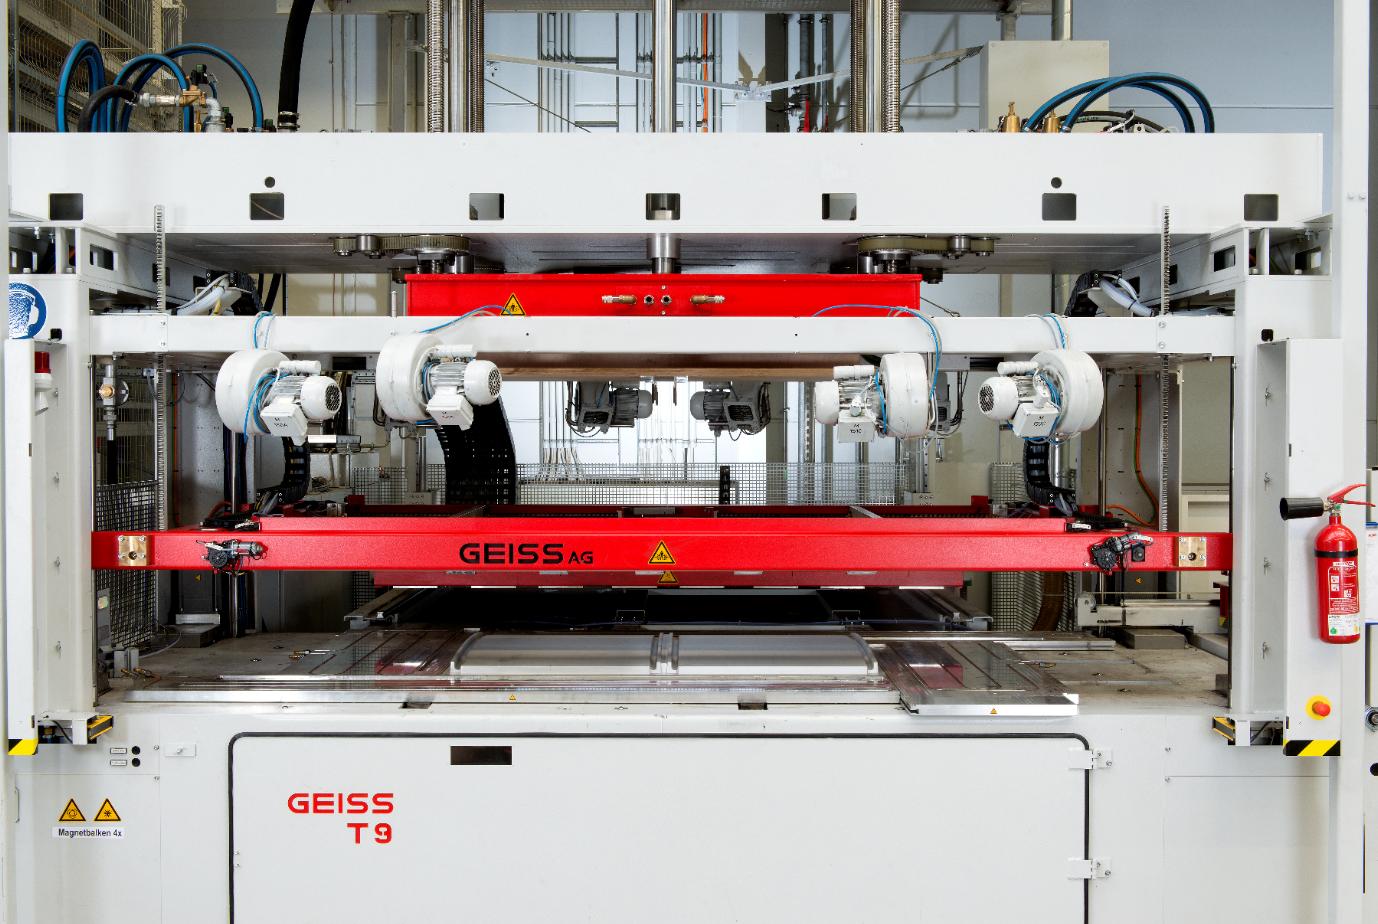 Industrielle Maschine für die Produktion von Geiss AG